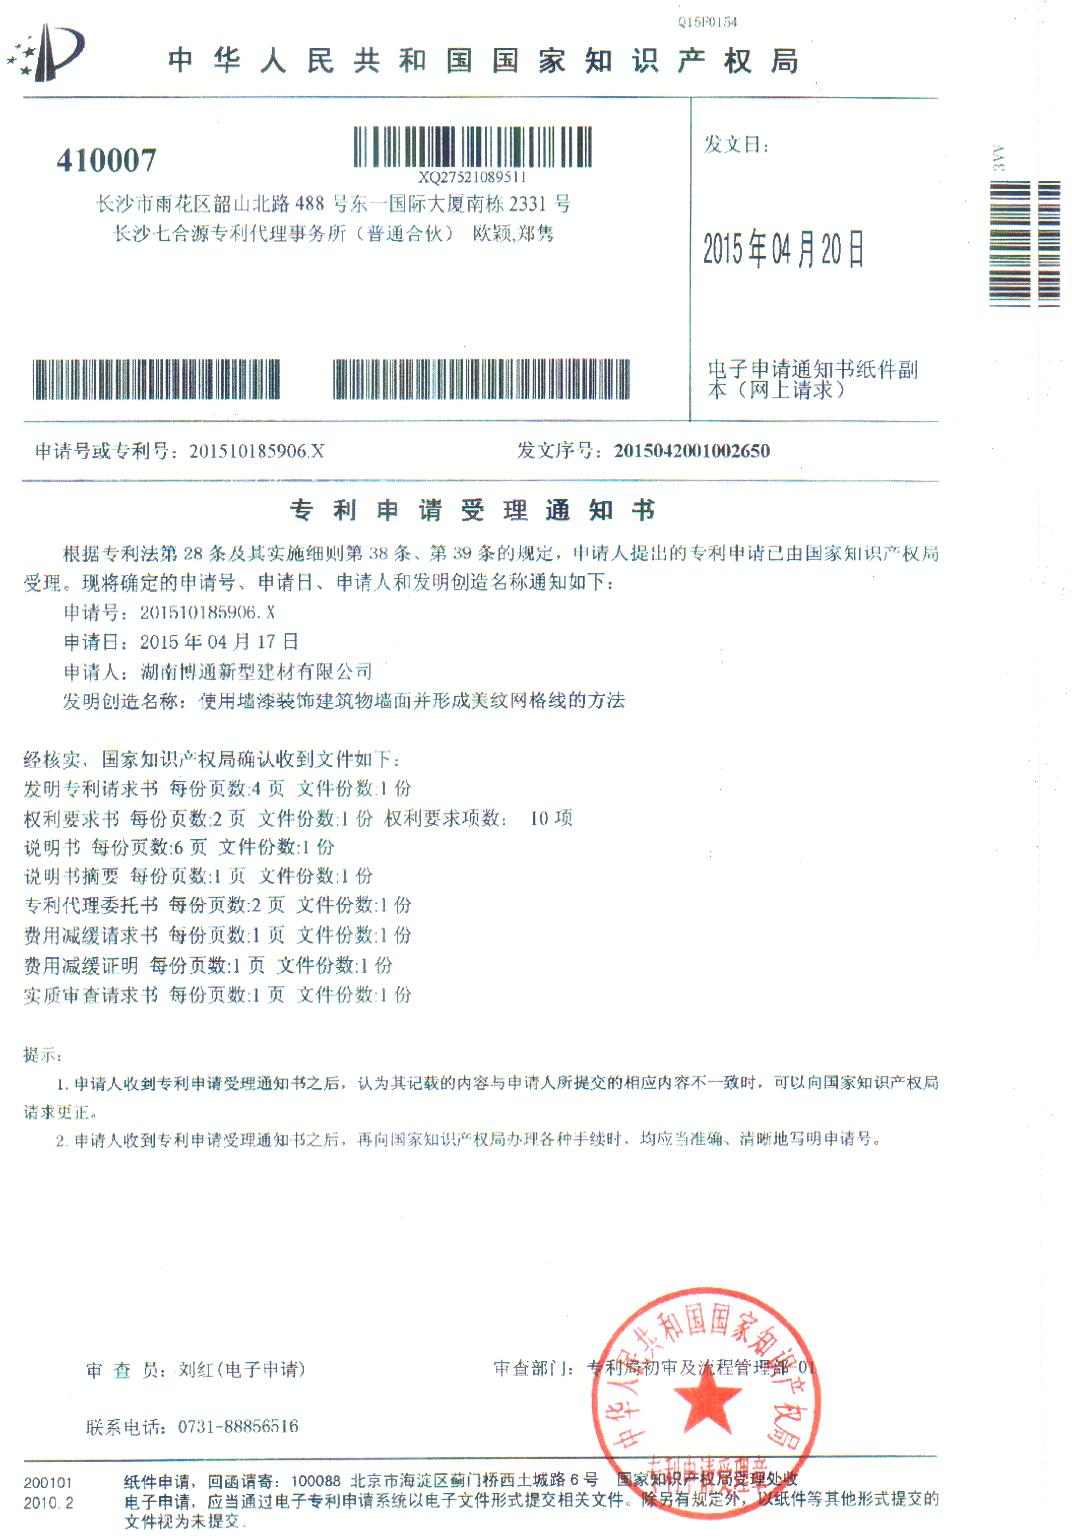 形成美纹网格线的方法专利证书